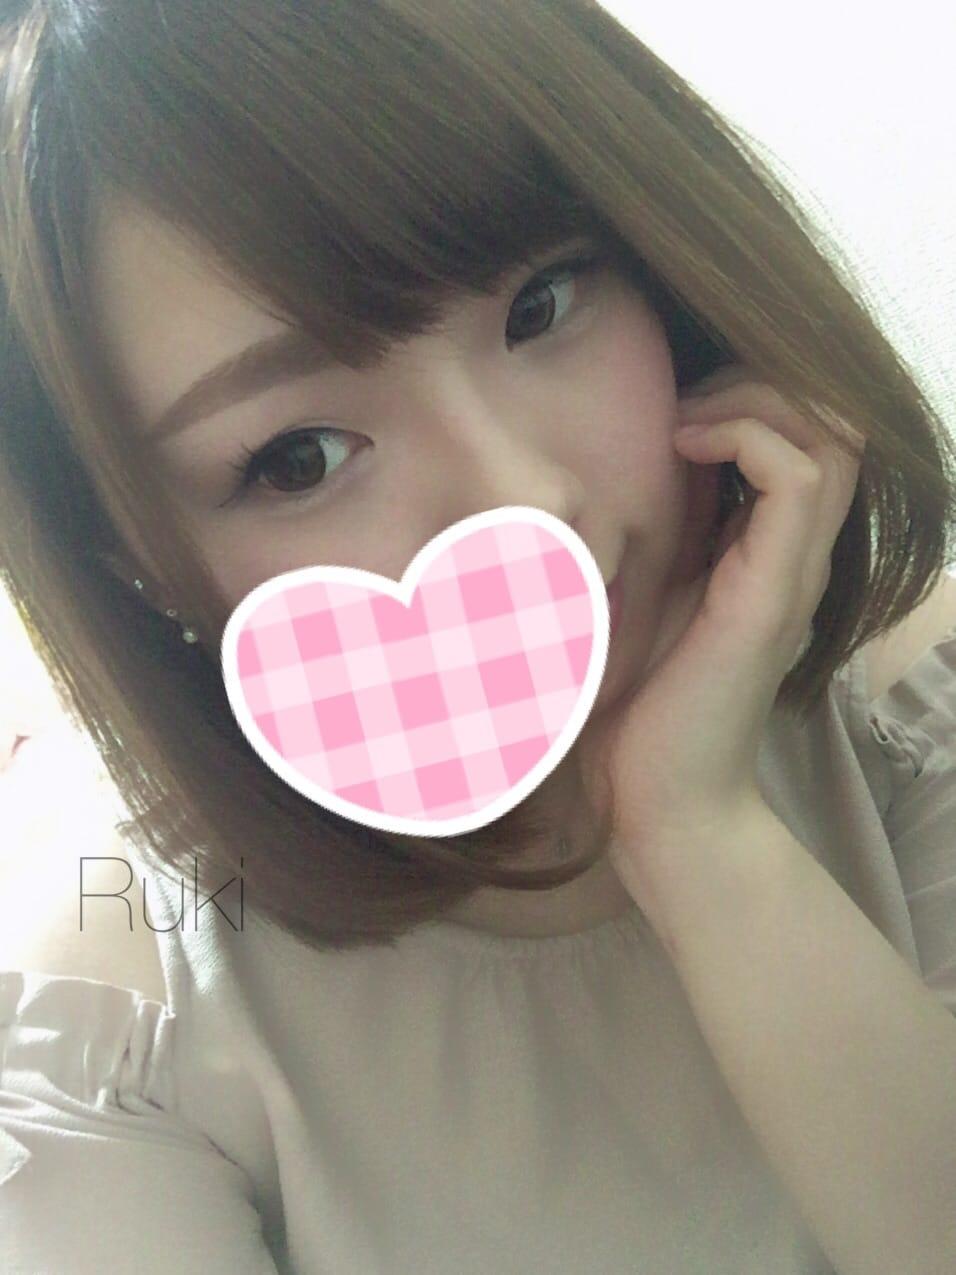 「おはよ」09/22(09/22) 12:43   るき 癒し系HカップGIRLの写メ・風俗動画